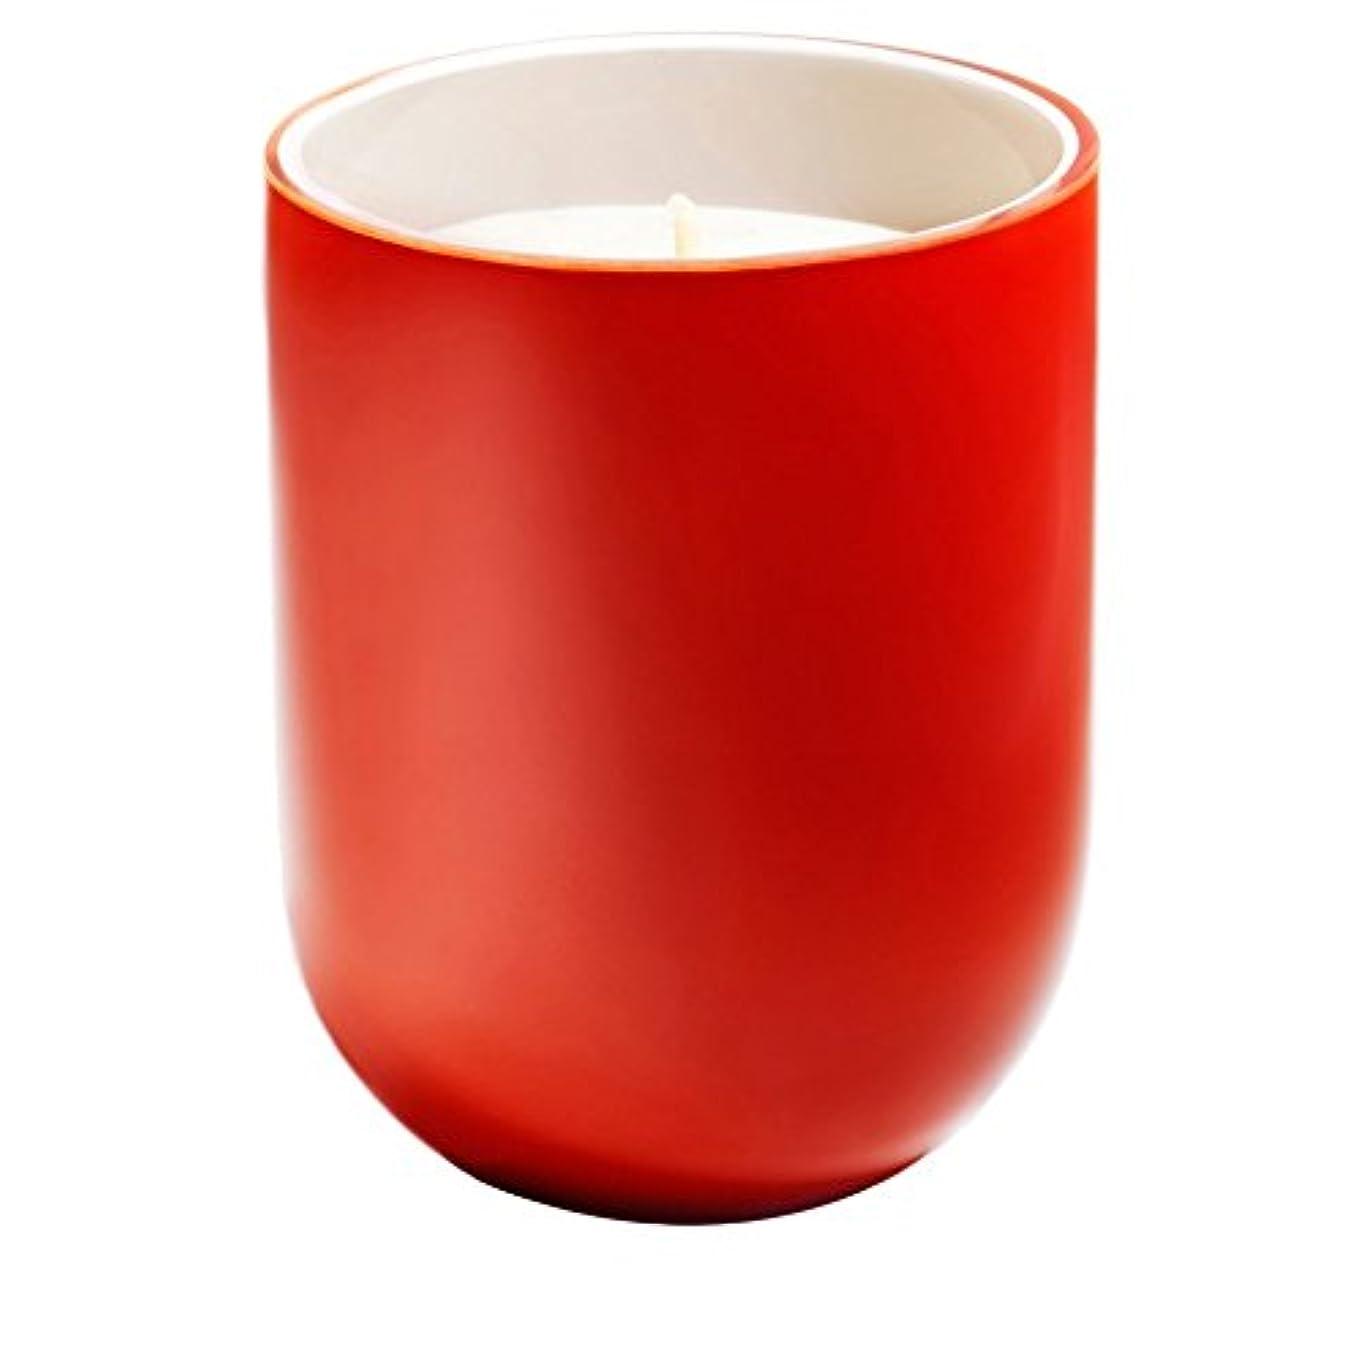 ナサニエル区韓国コーナーFrederic Malle Caf? Society Scented Candle (Pack of 4) - フレデリック?マルカフェ社会の香りのキャンドル x4 [並行輸入品]